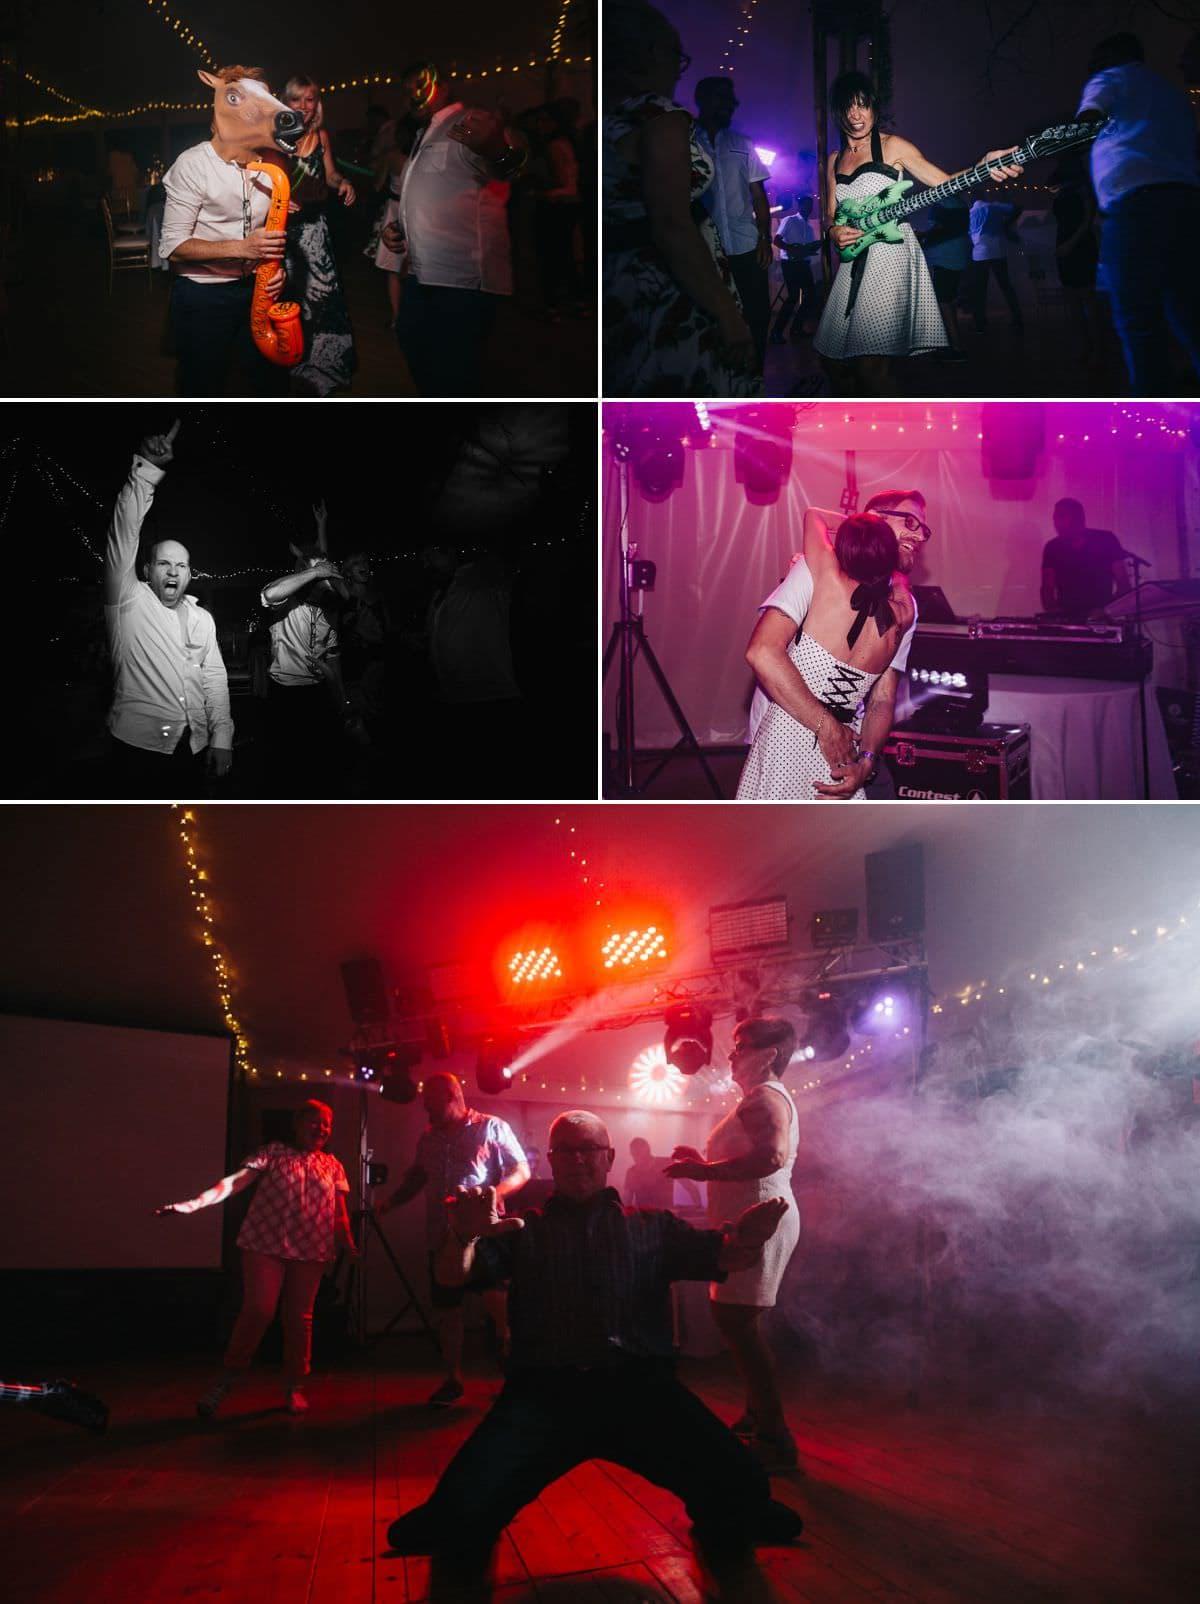 Mariage rock'n'roll au Capella  -